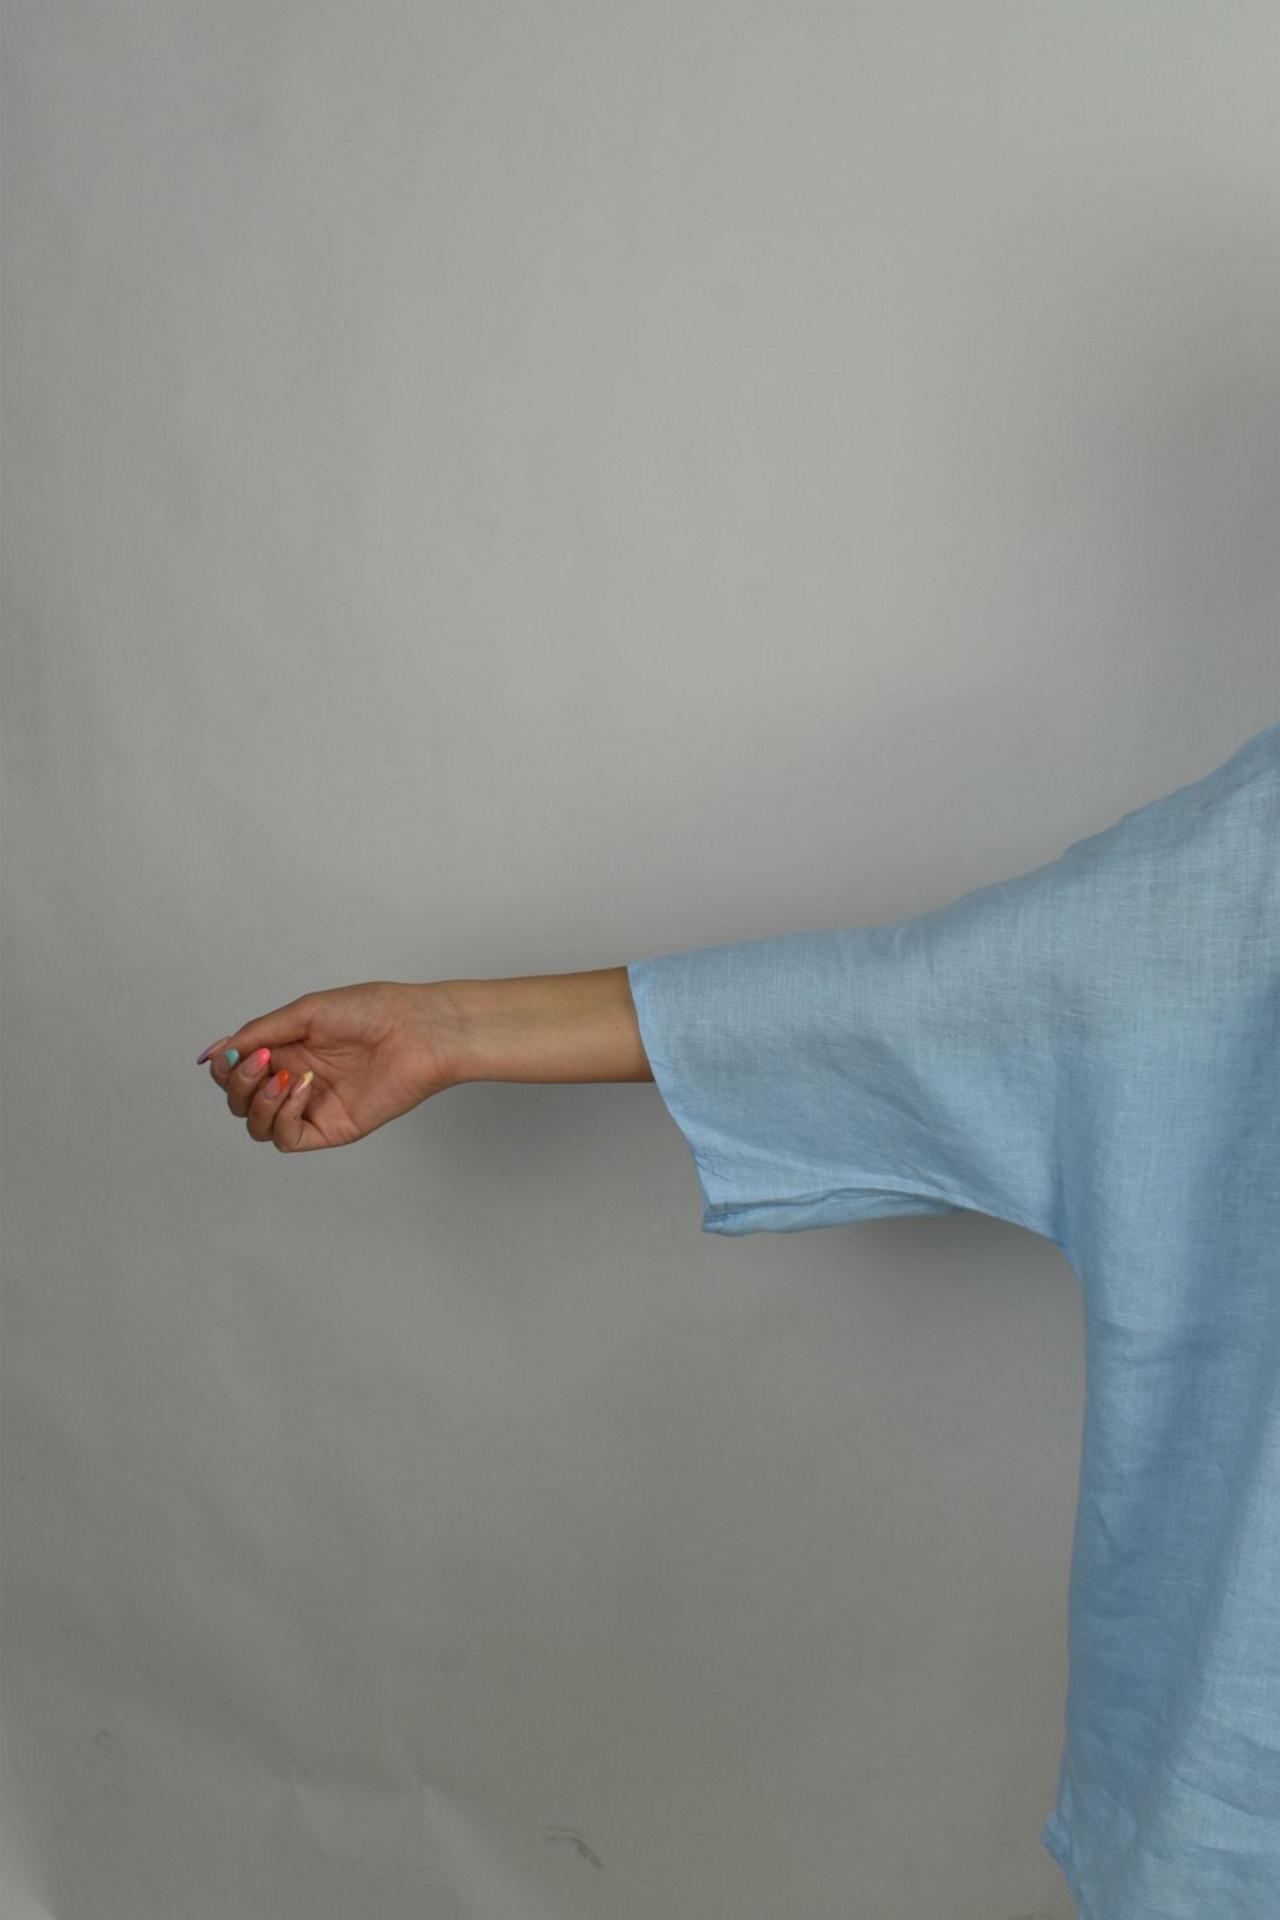 MAGMAXPE2101 AZZURRO MAGLIA DA DONNA GIROCOLLO CON MANICA A 34 100 LINO 4 1stAmerican maglia da donna girocollo con manica a 3/4 100% lino Made in Italy - t-shirt manica corta da donna mare in lino